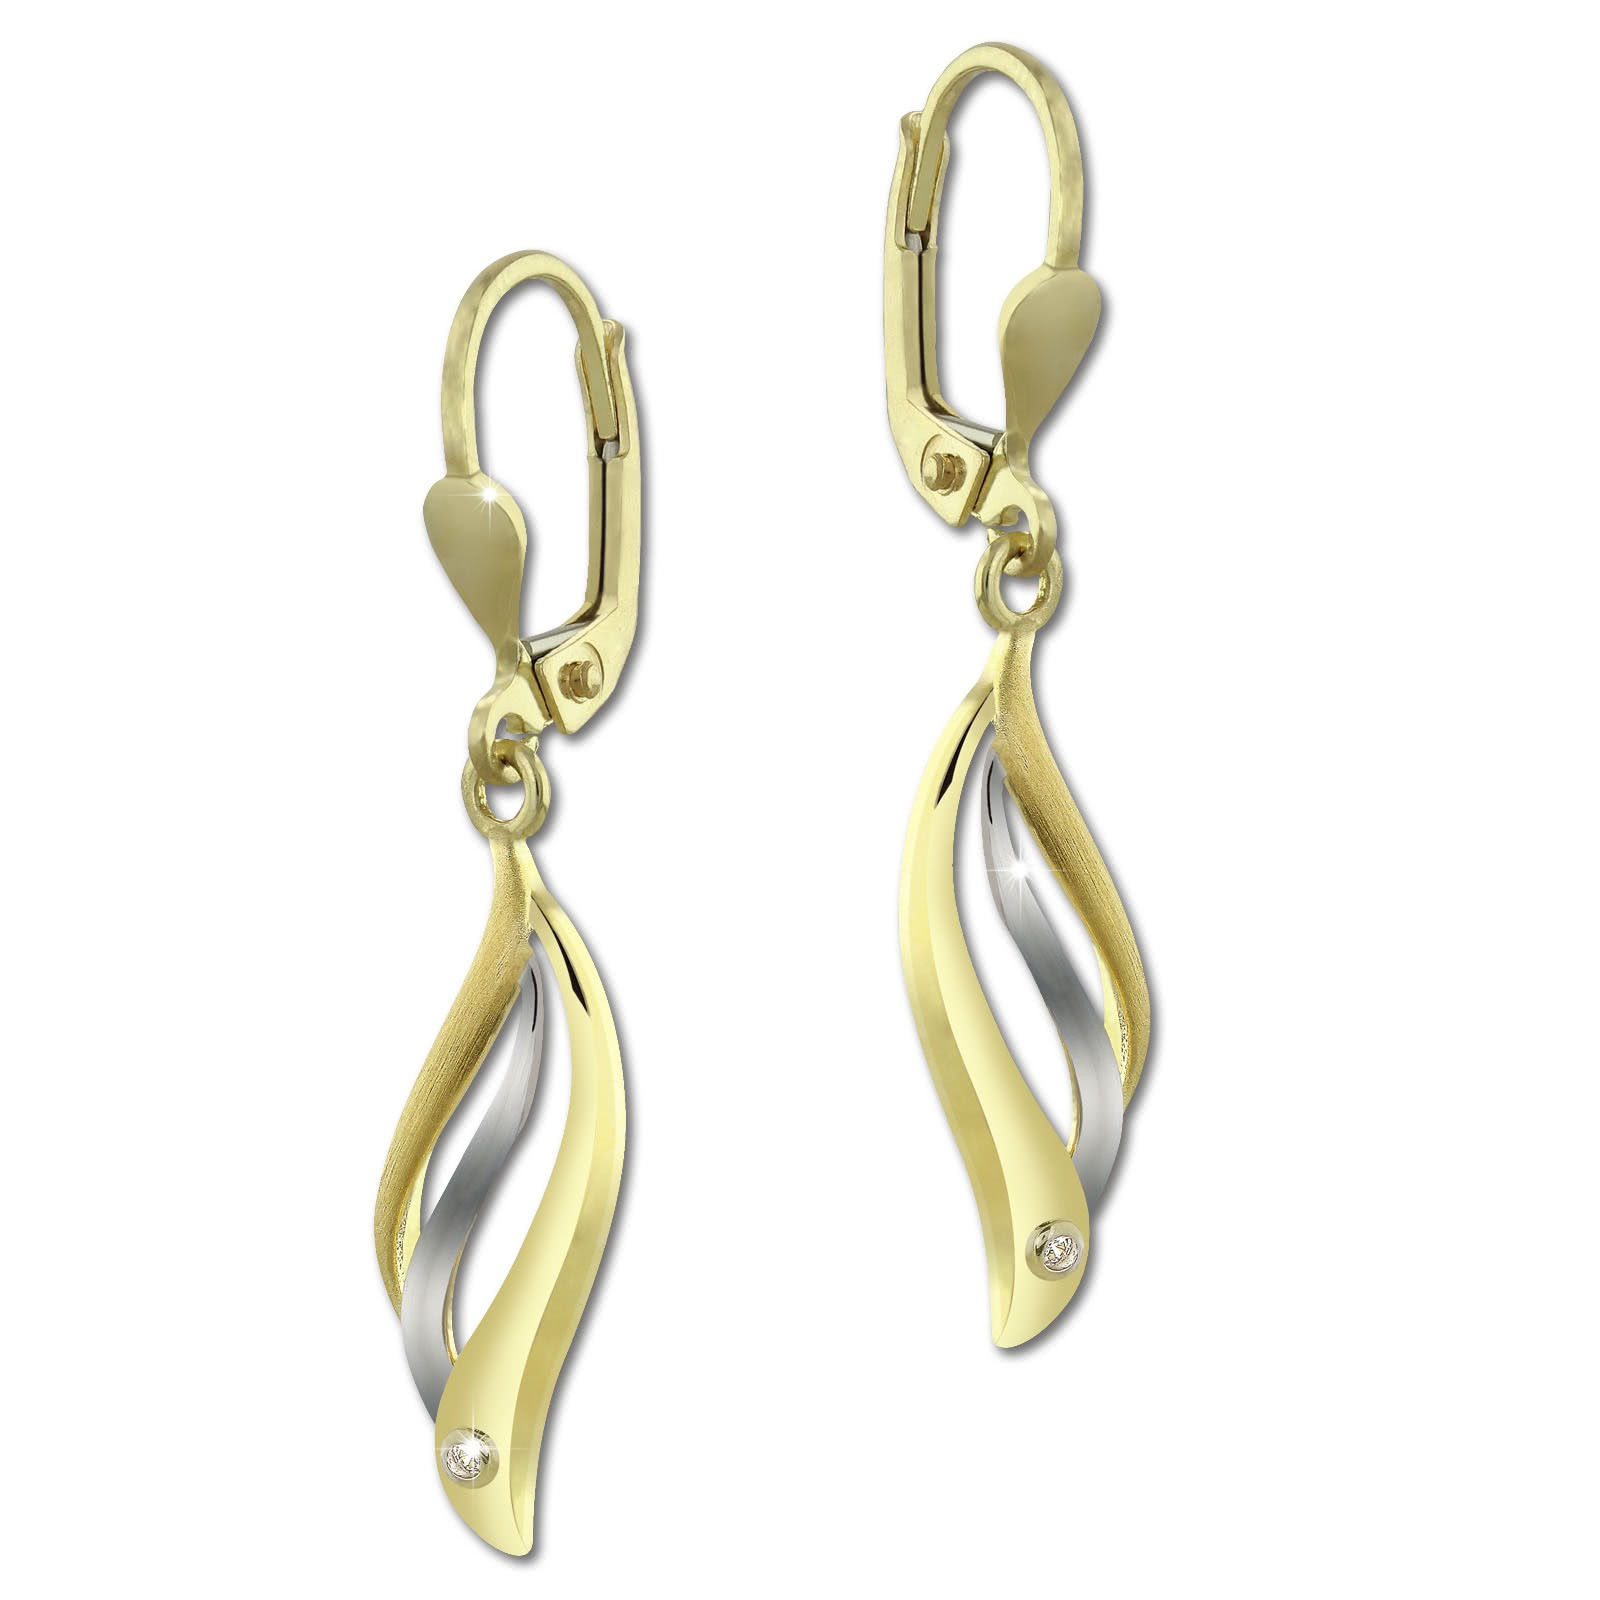 SilberDream Ohrhänger Wellen Zirkonia weiß Ohrring 333 Gold Echtschmuck GDO5163Y